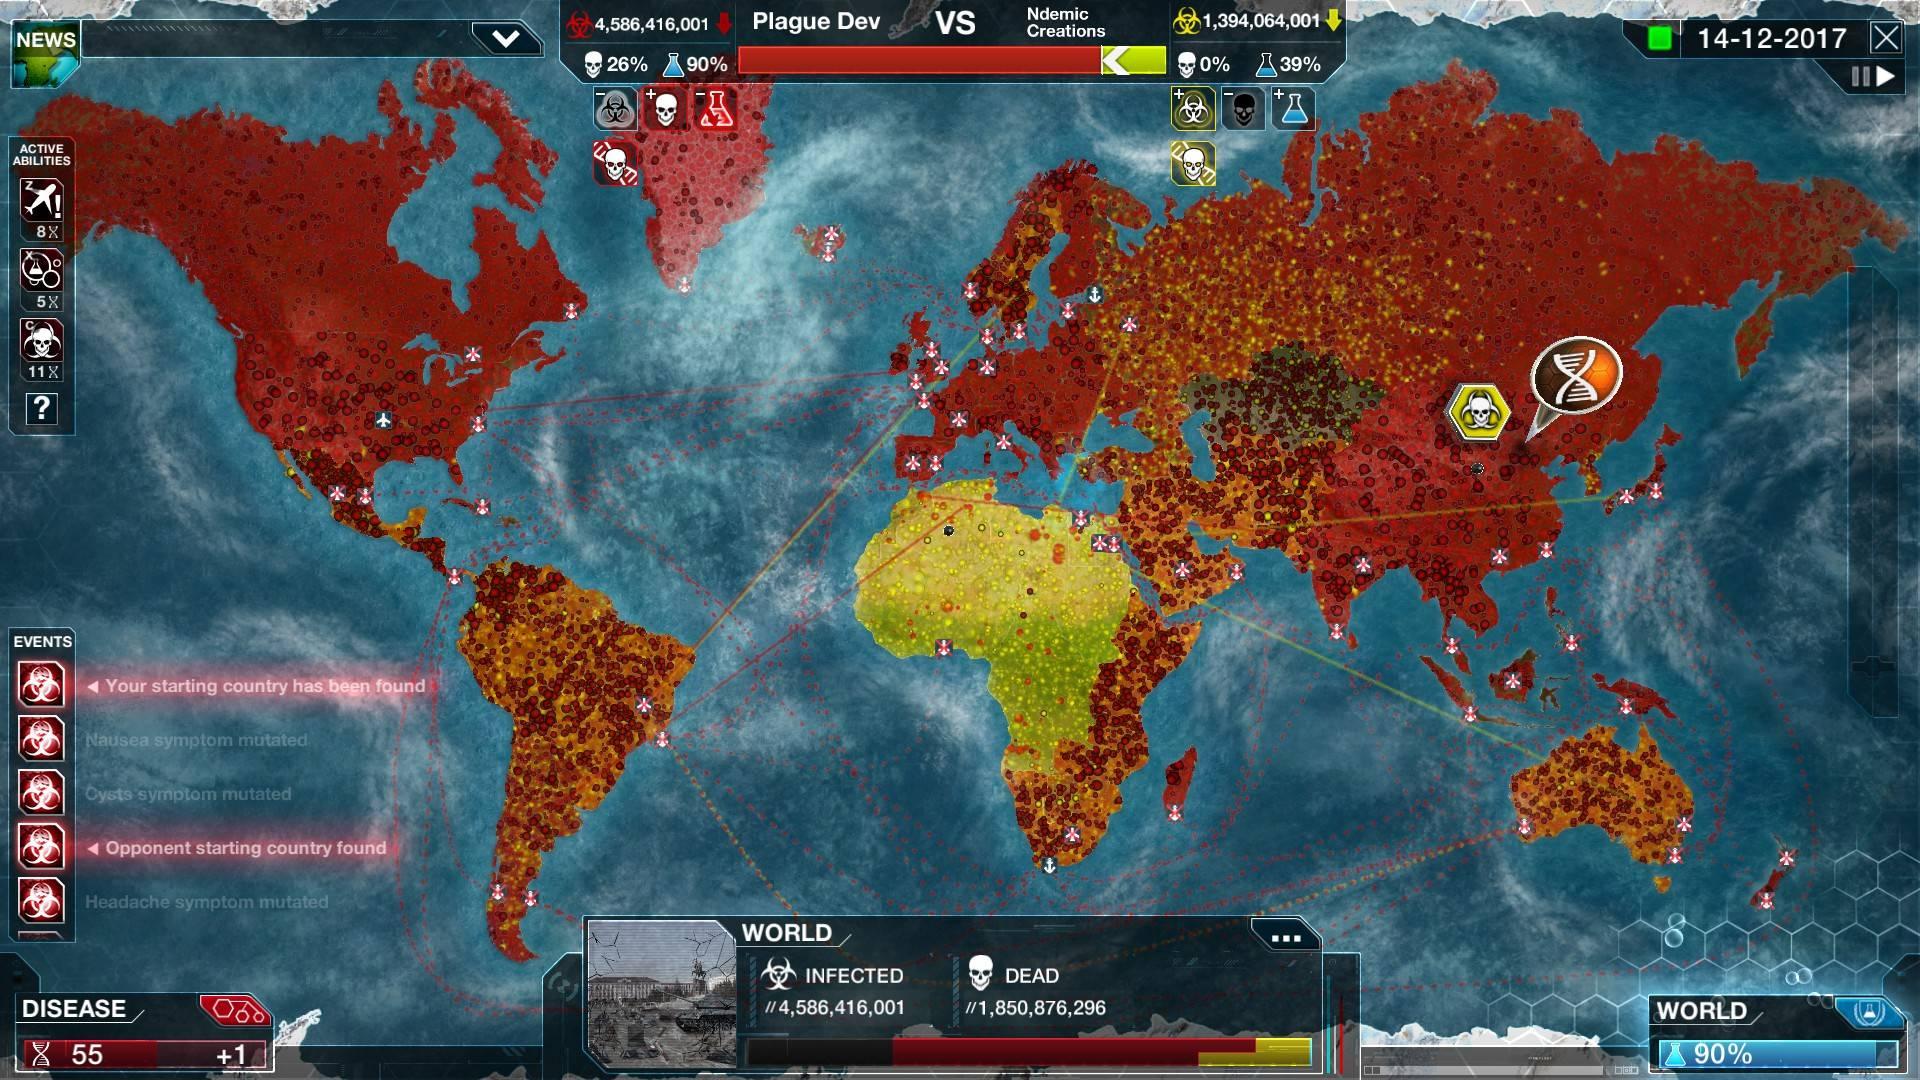 Создатели Plague Inc. пообещали добавить в игру антипрививочников — они будут помогать распространению патогена